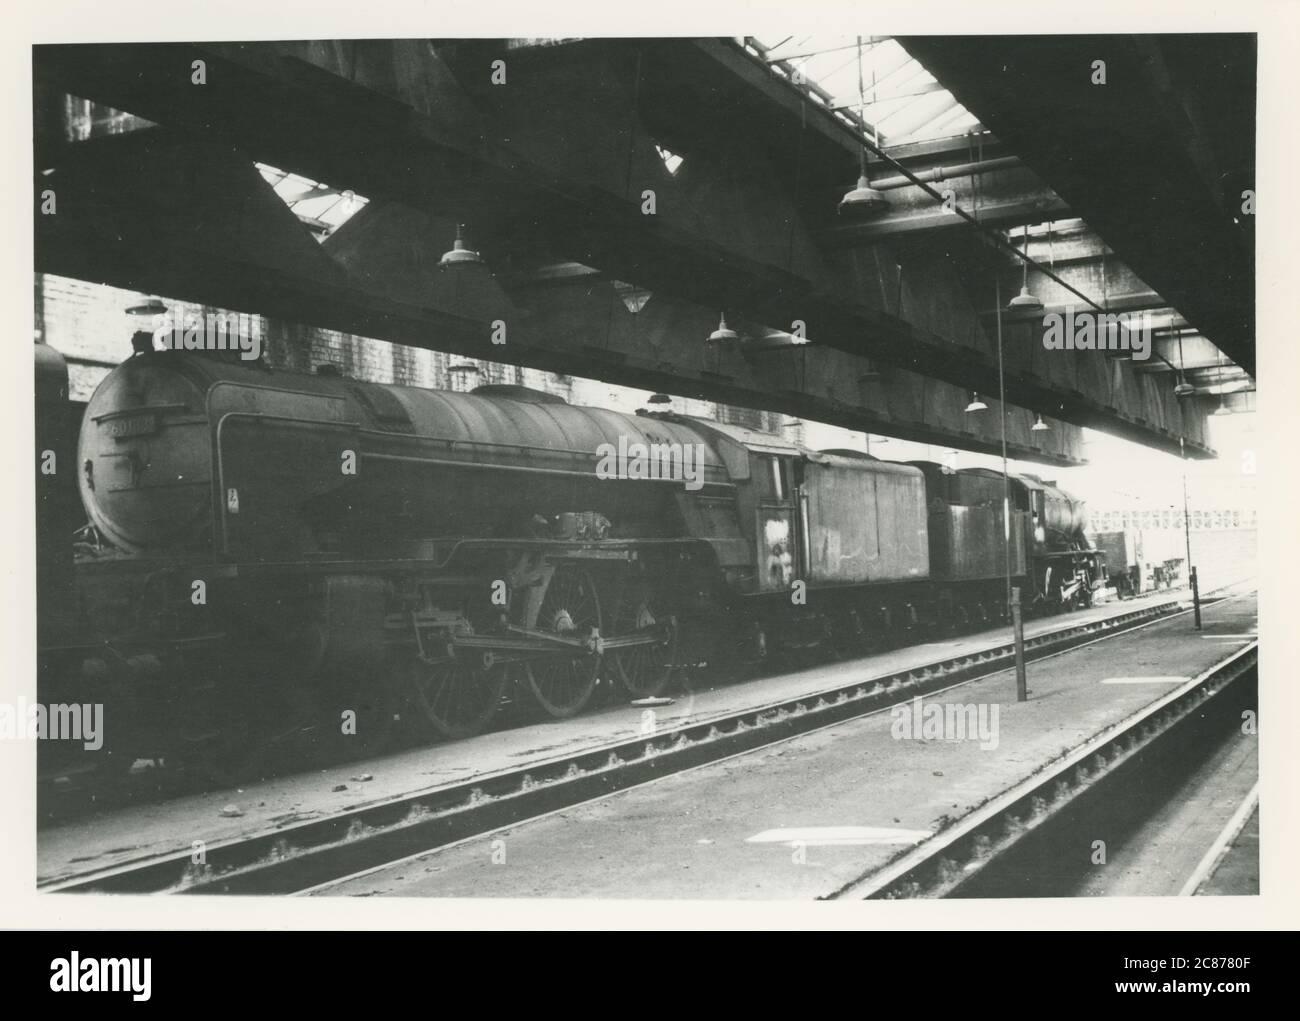 Gare - dépôt, Ardsley, Barnsley, Yorkshire, Grande-Bretagne. Banque D'Images